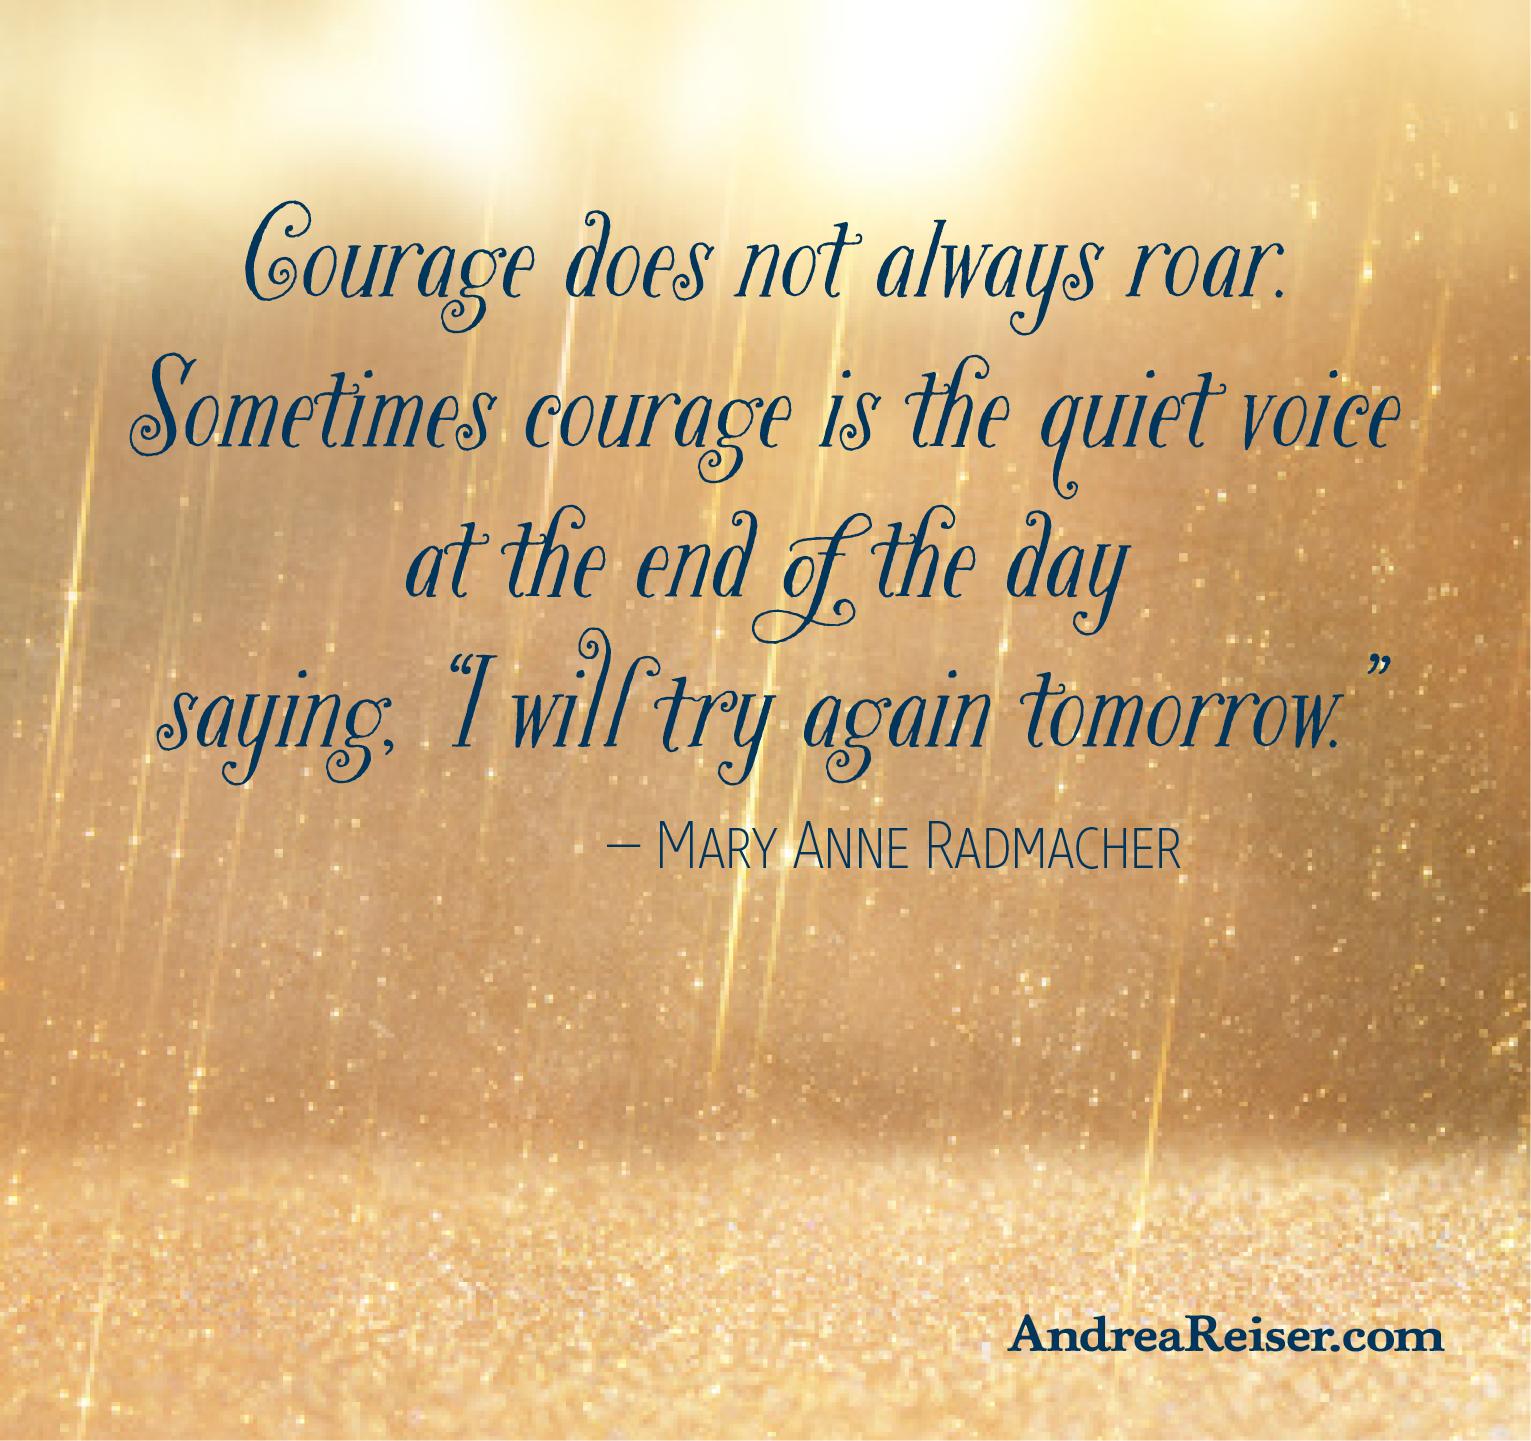 Courage Does Not Always Roar Andrea Reiser Andrea Reiser